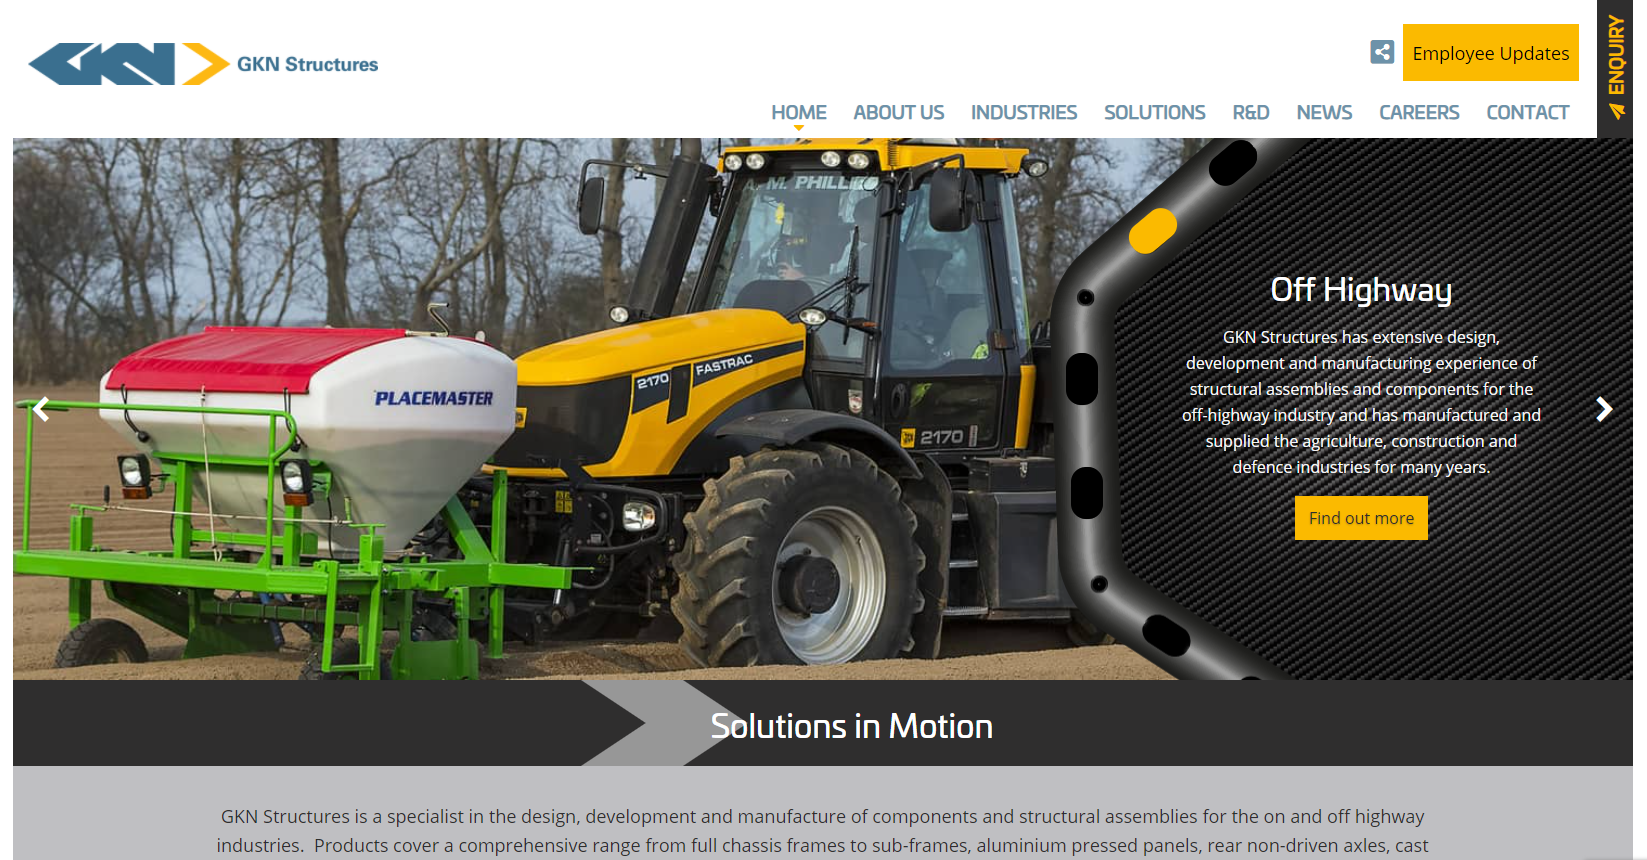 Wheel-maker GKN launches new website